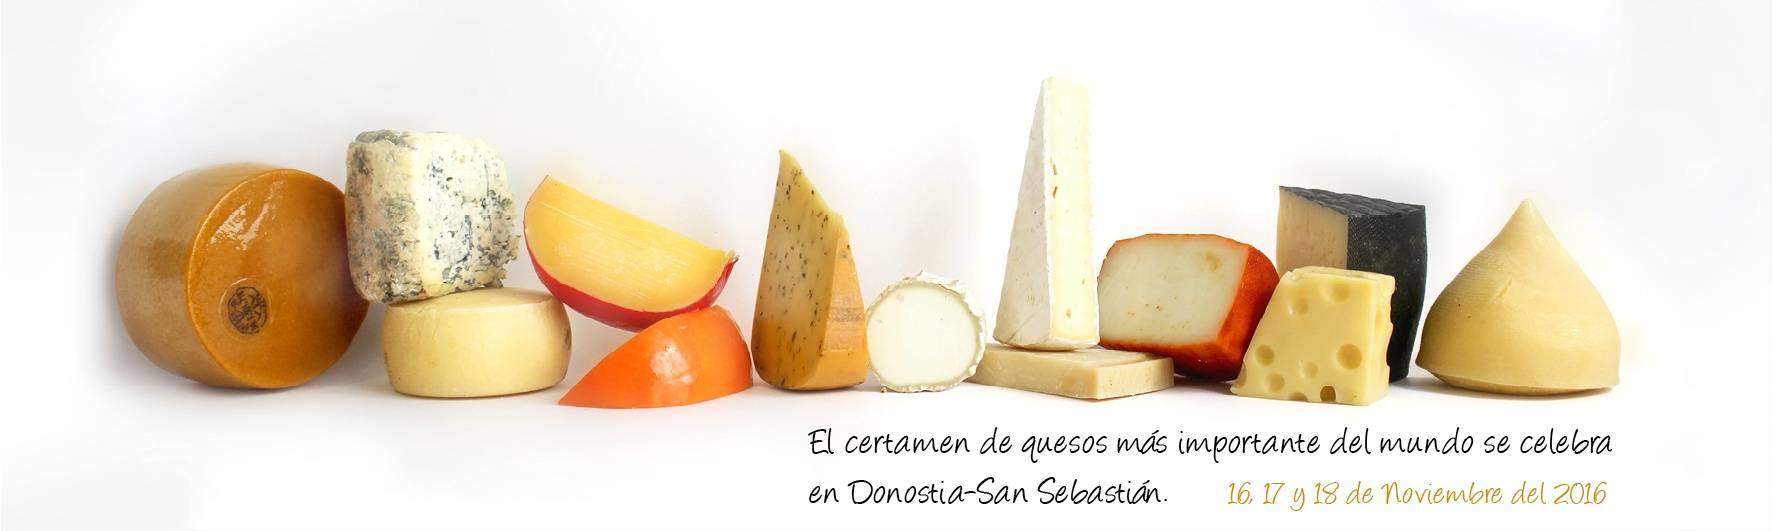 certamen-queso-del-mundo